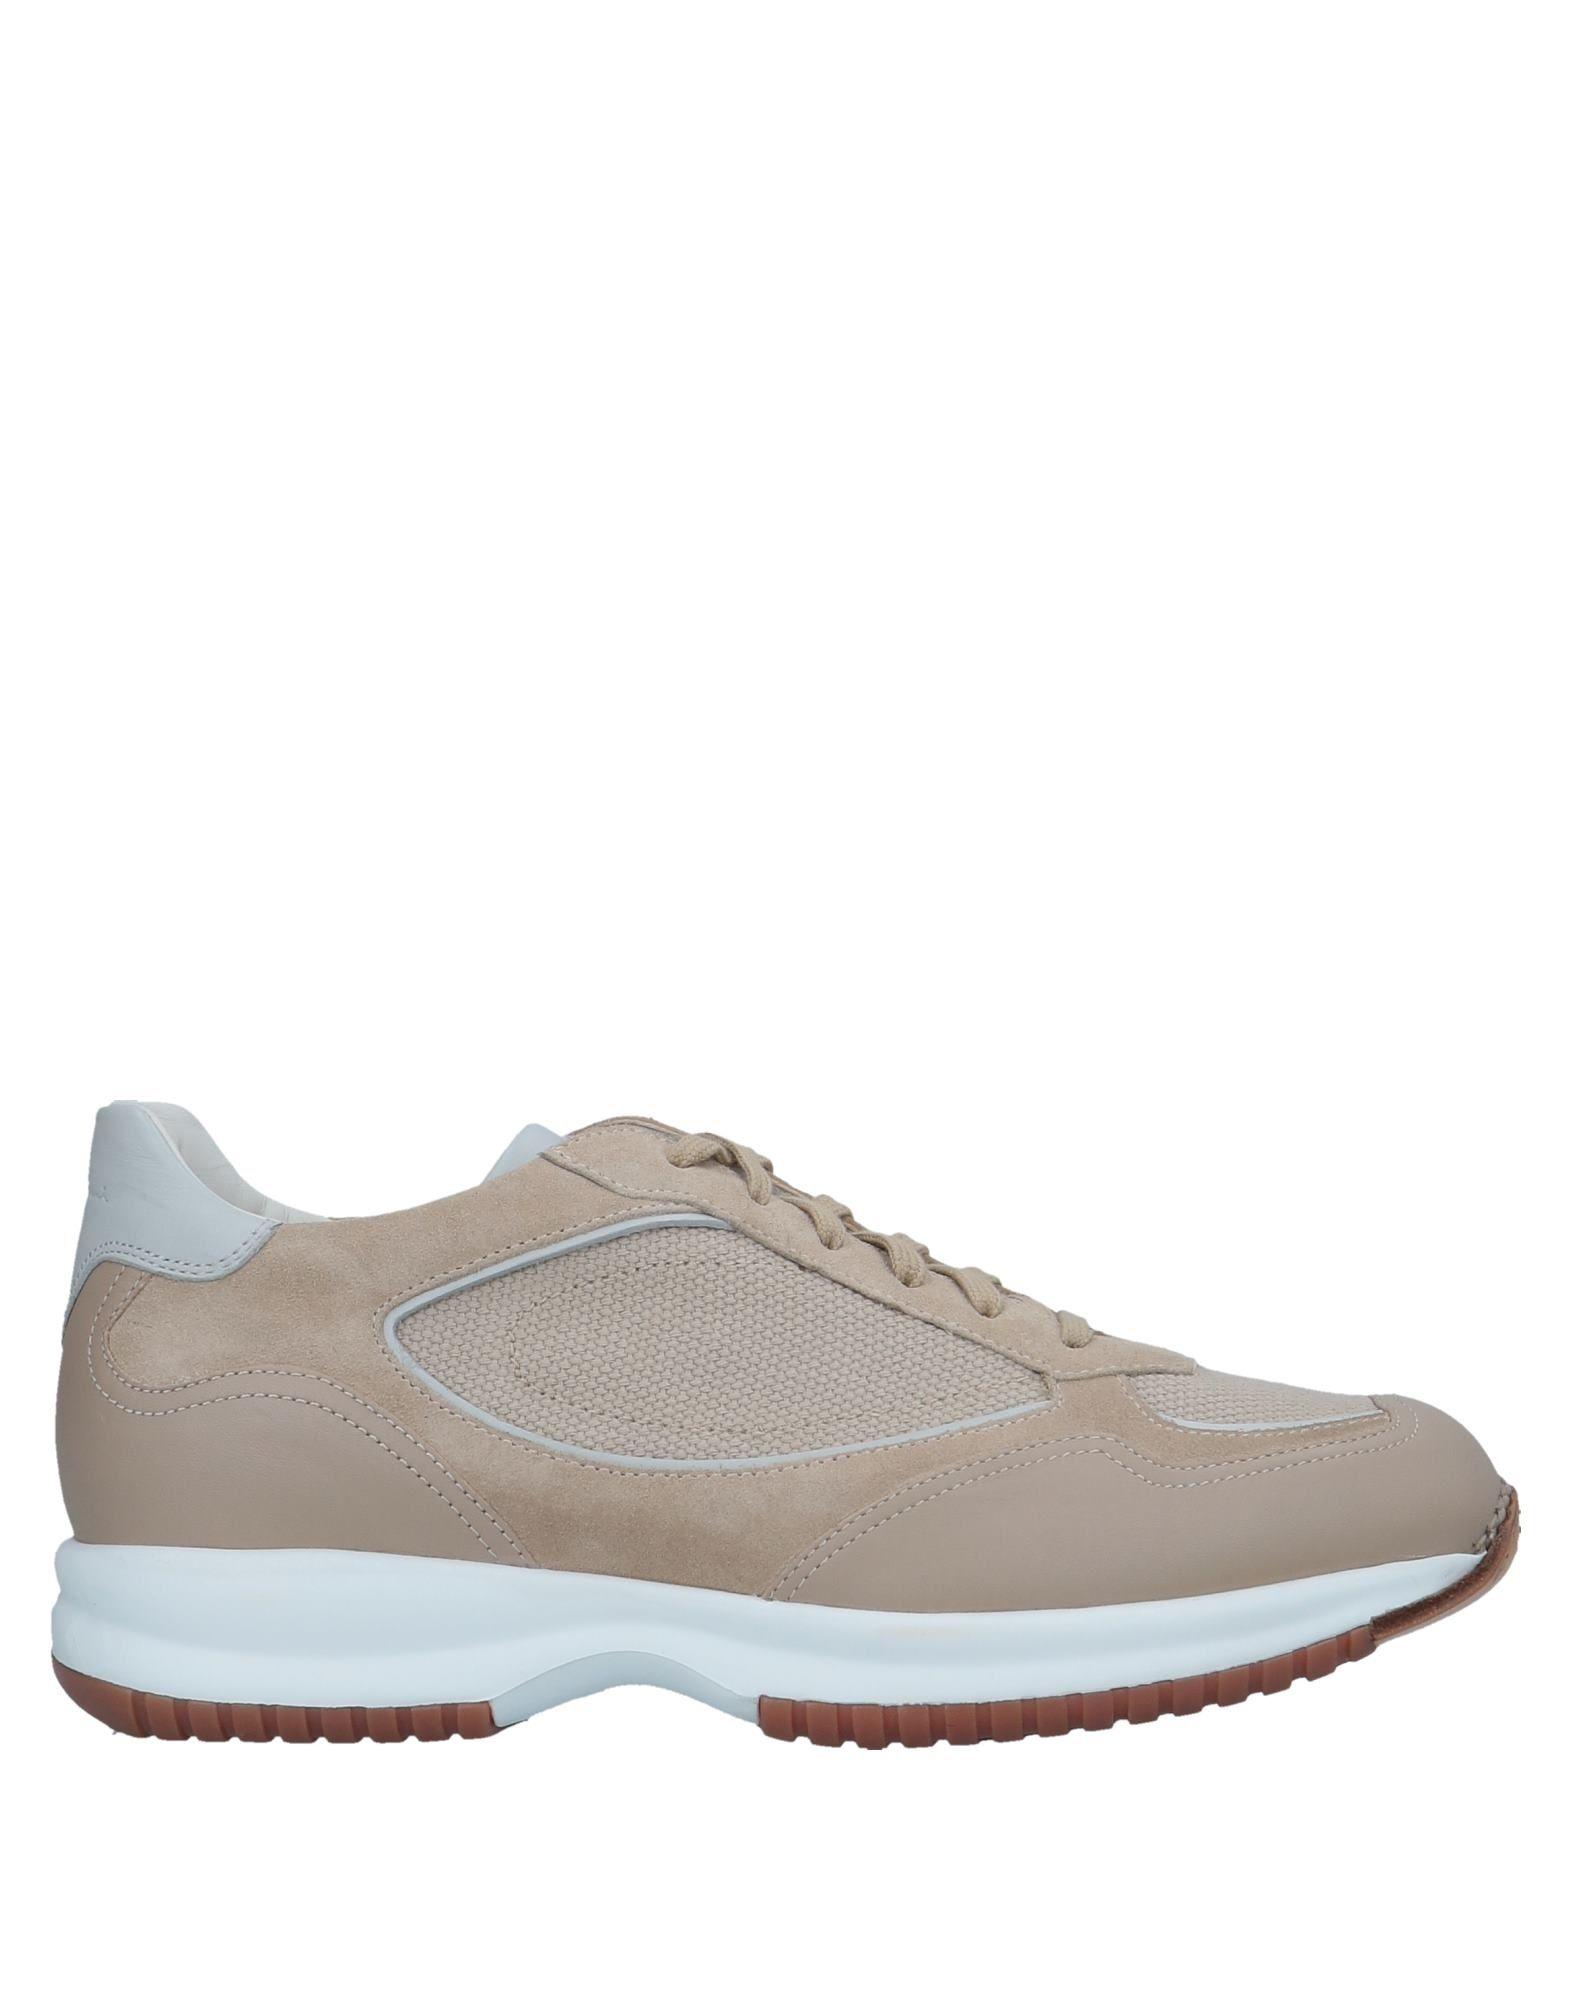 《送料無料》SANTONI メンズ スニーカー&テニスシューズ(ローカット) ベージュ 6 革 / 紡績繊維